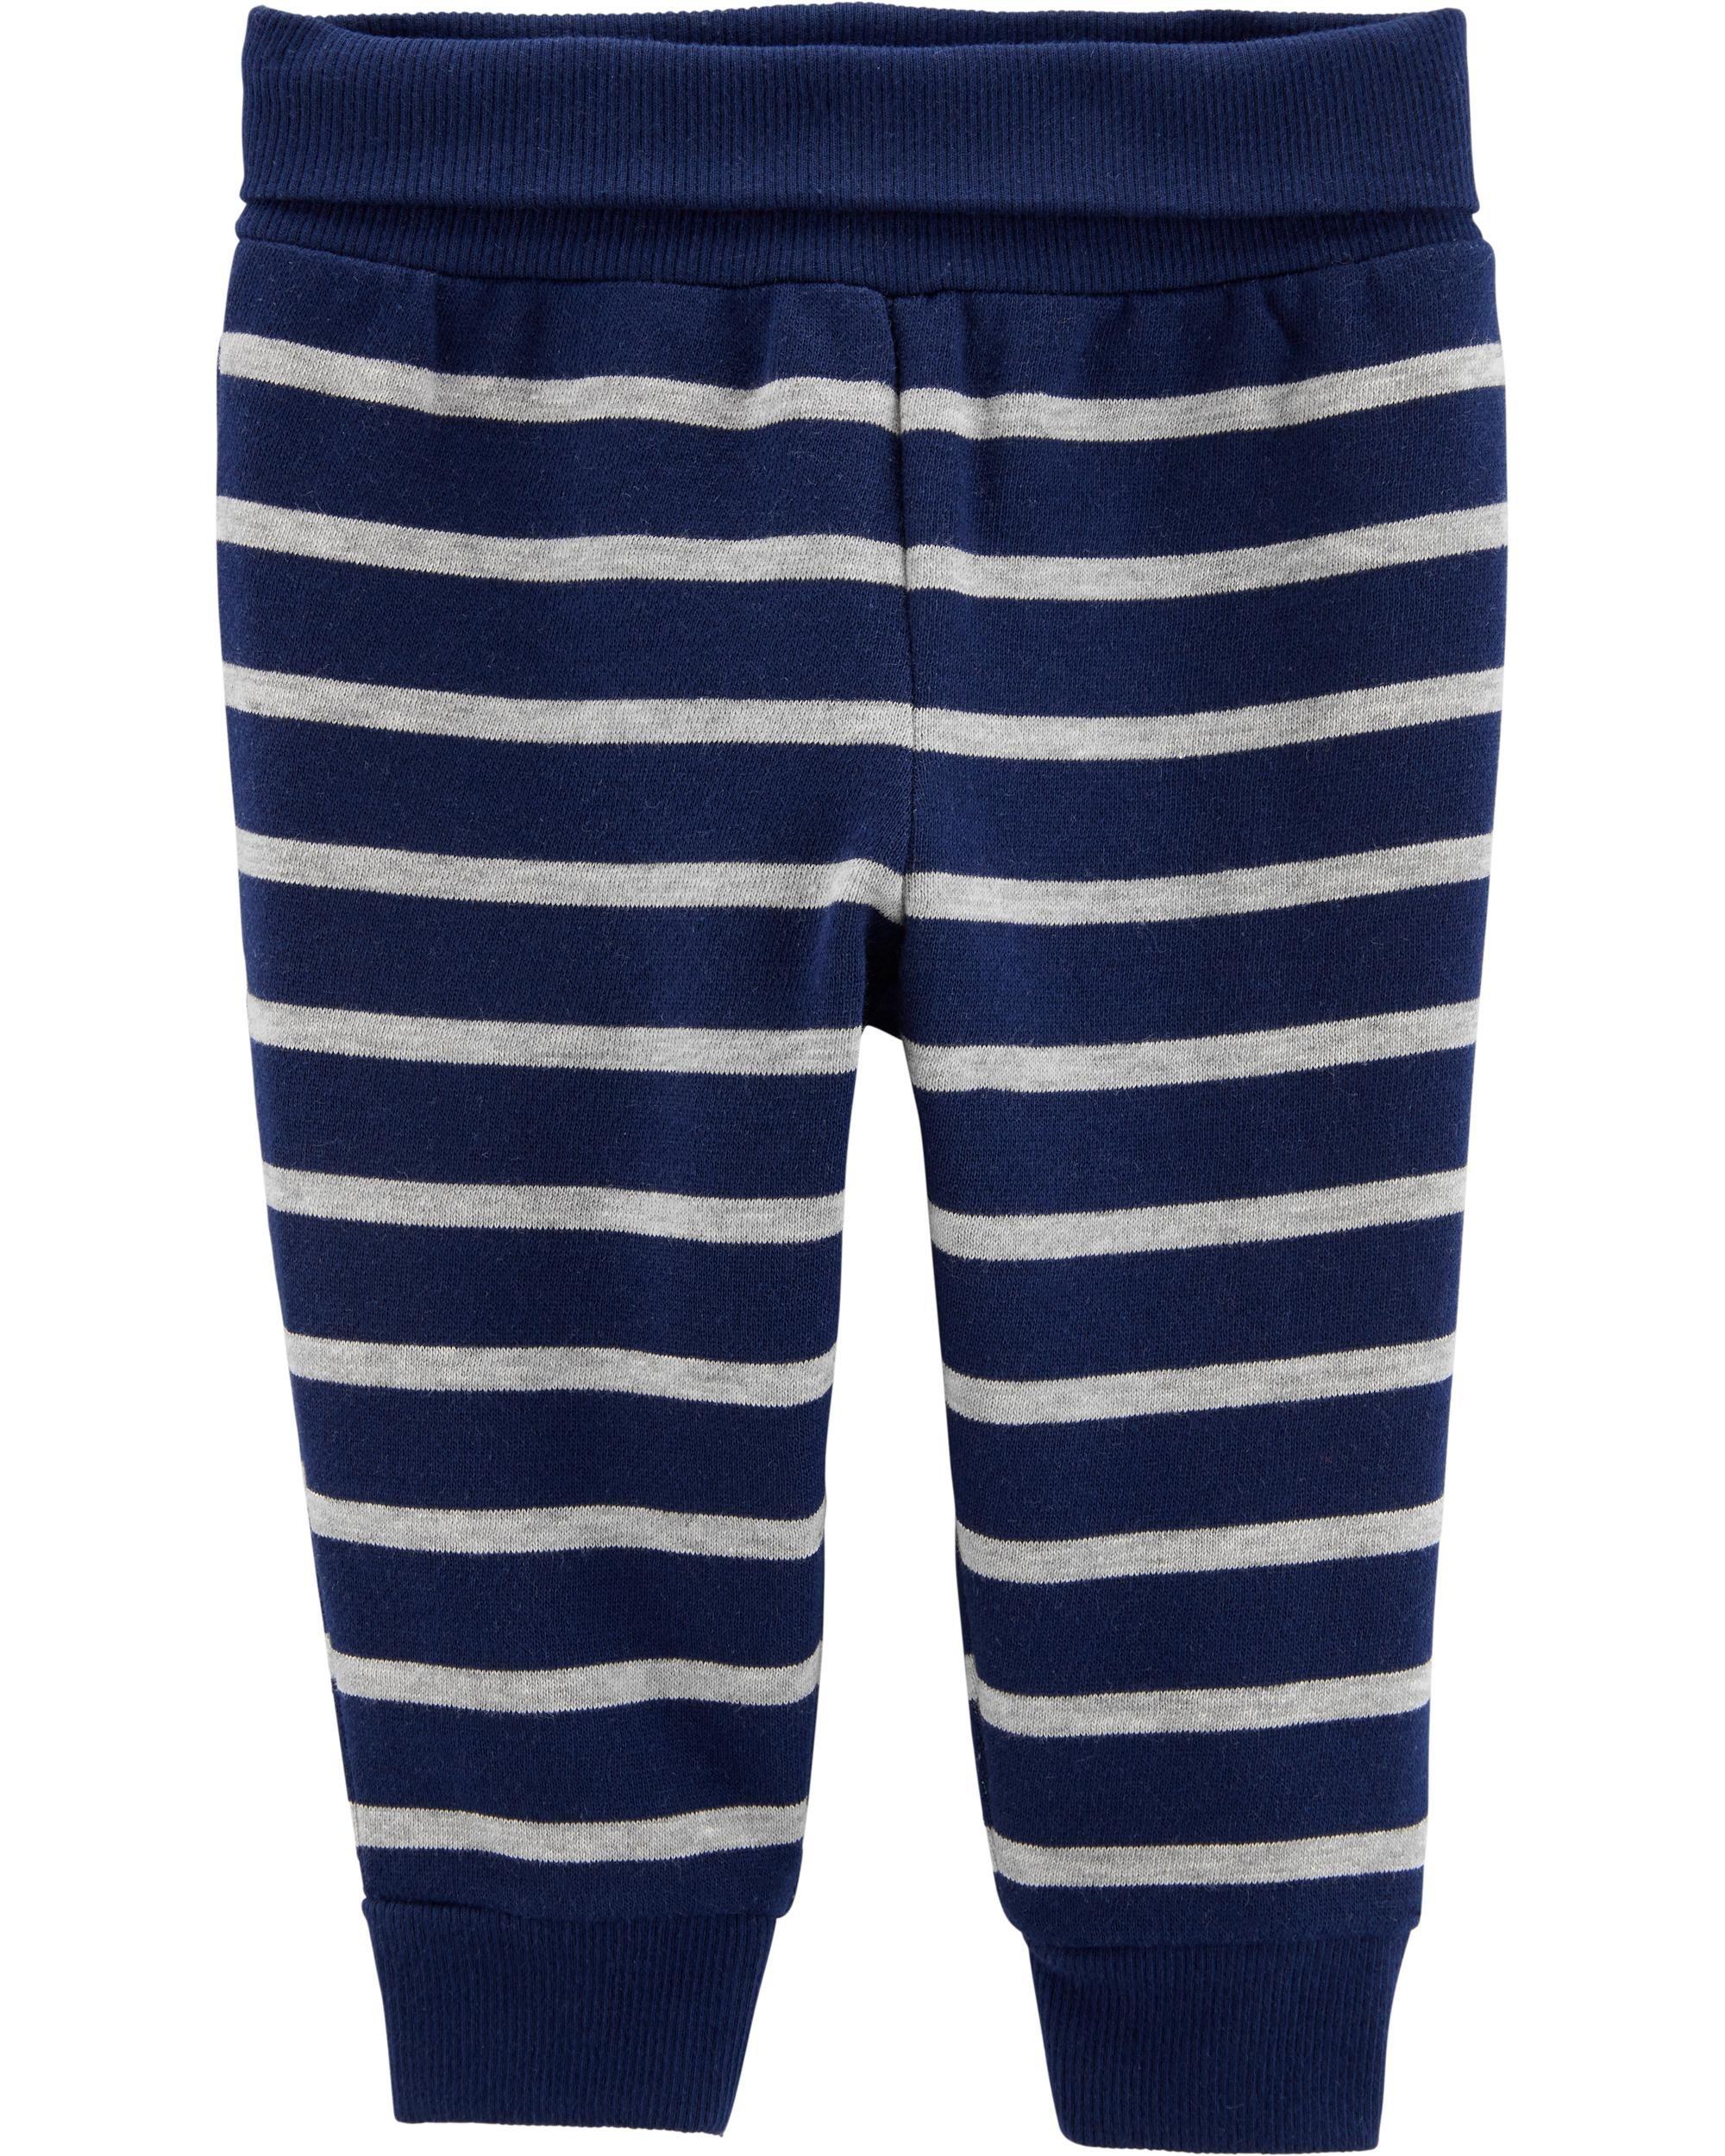 Calça De Algodão Forrada Listrada Azul E Cinza Carter's